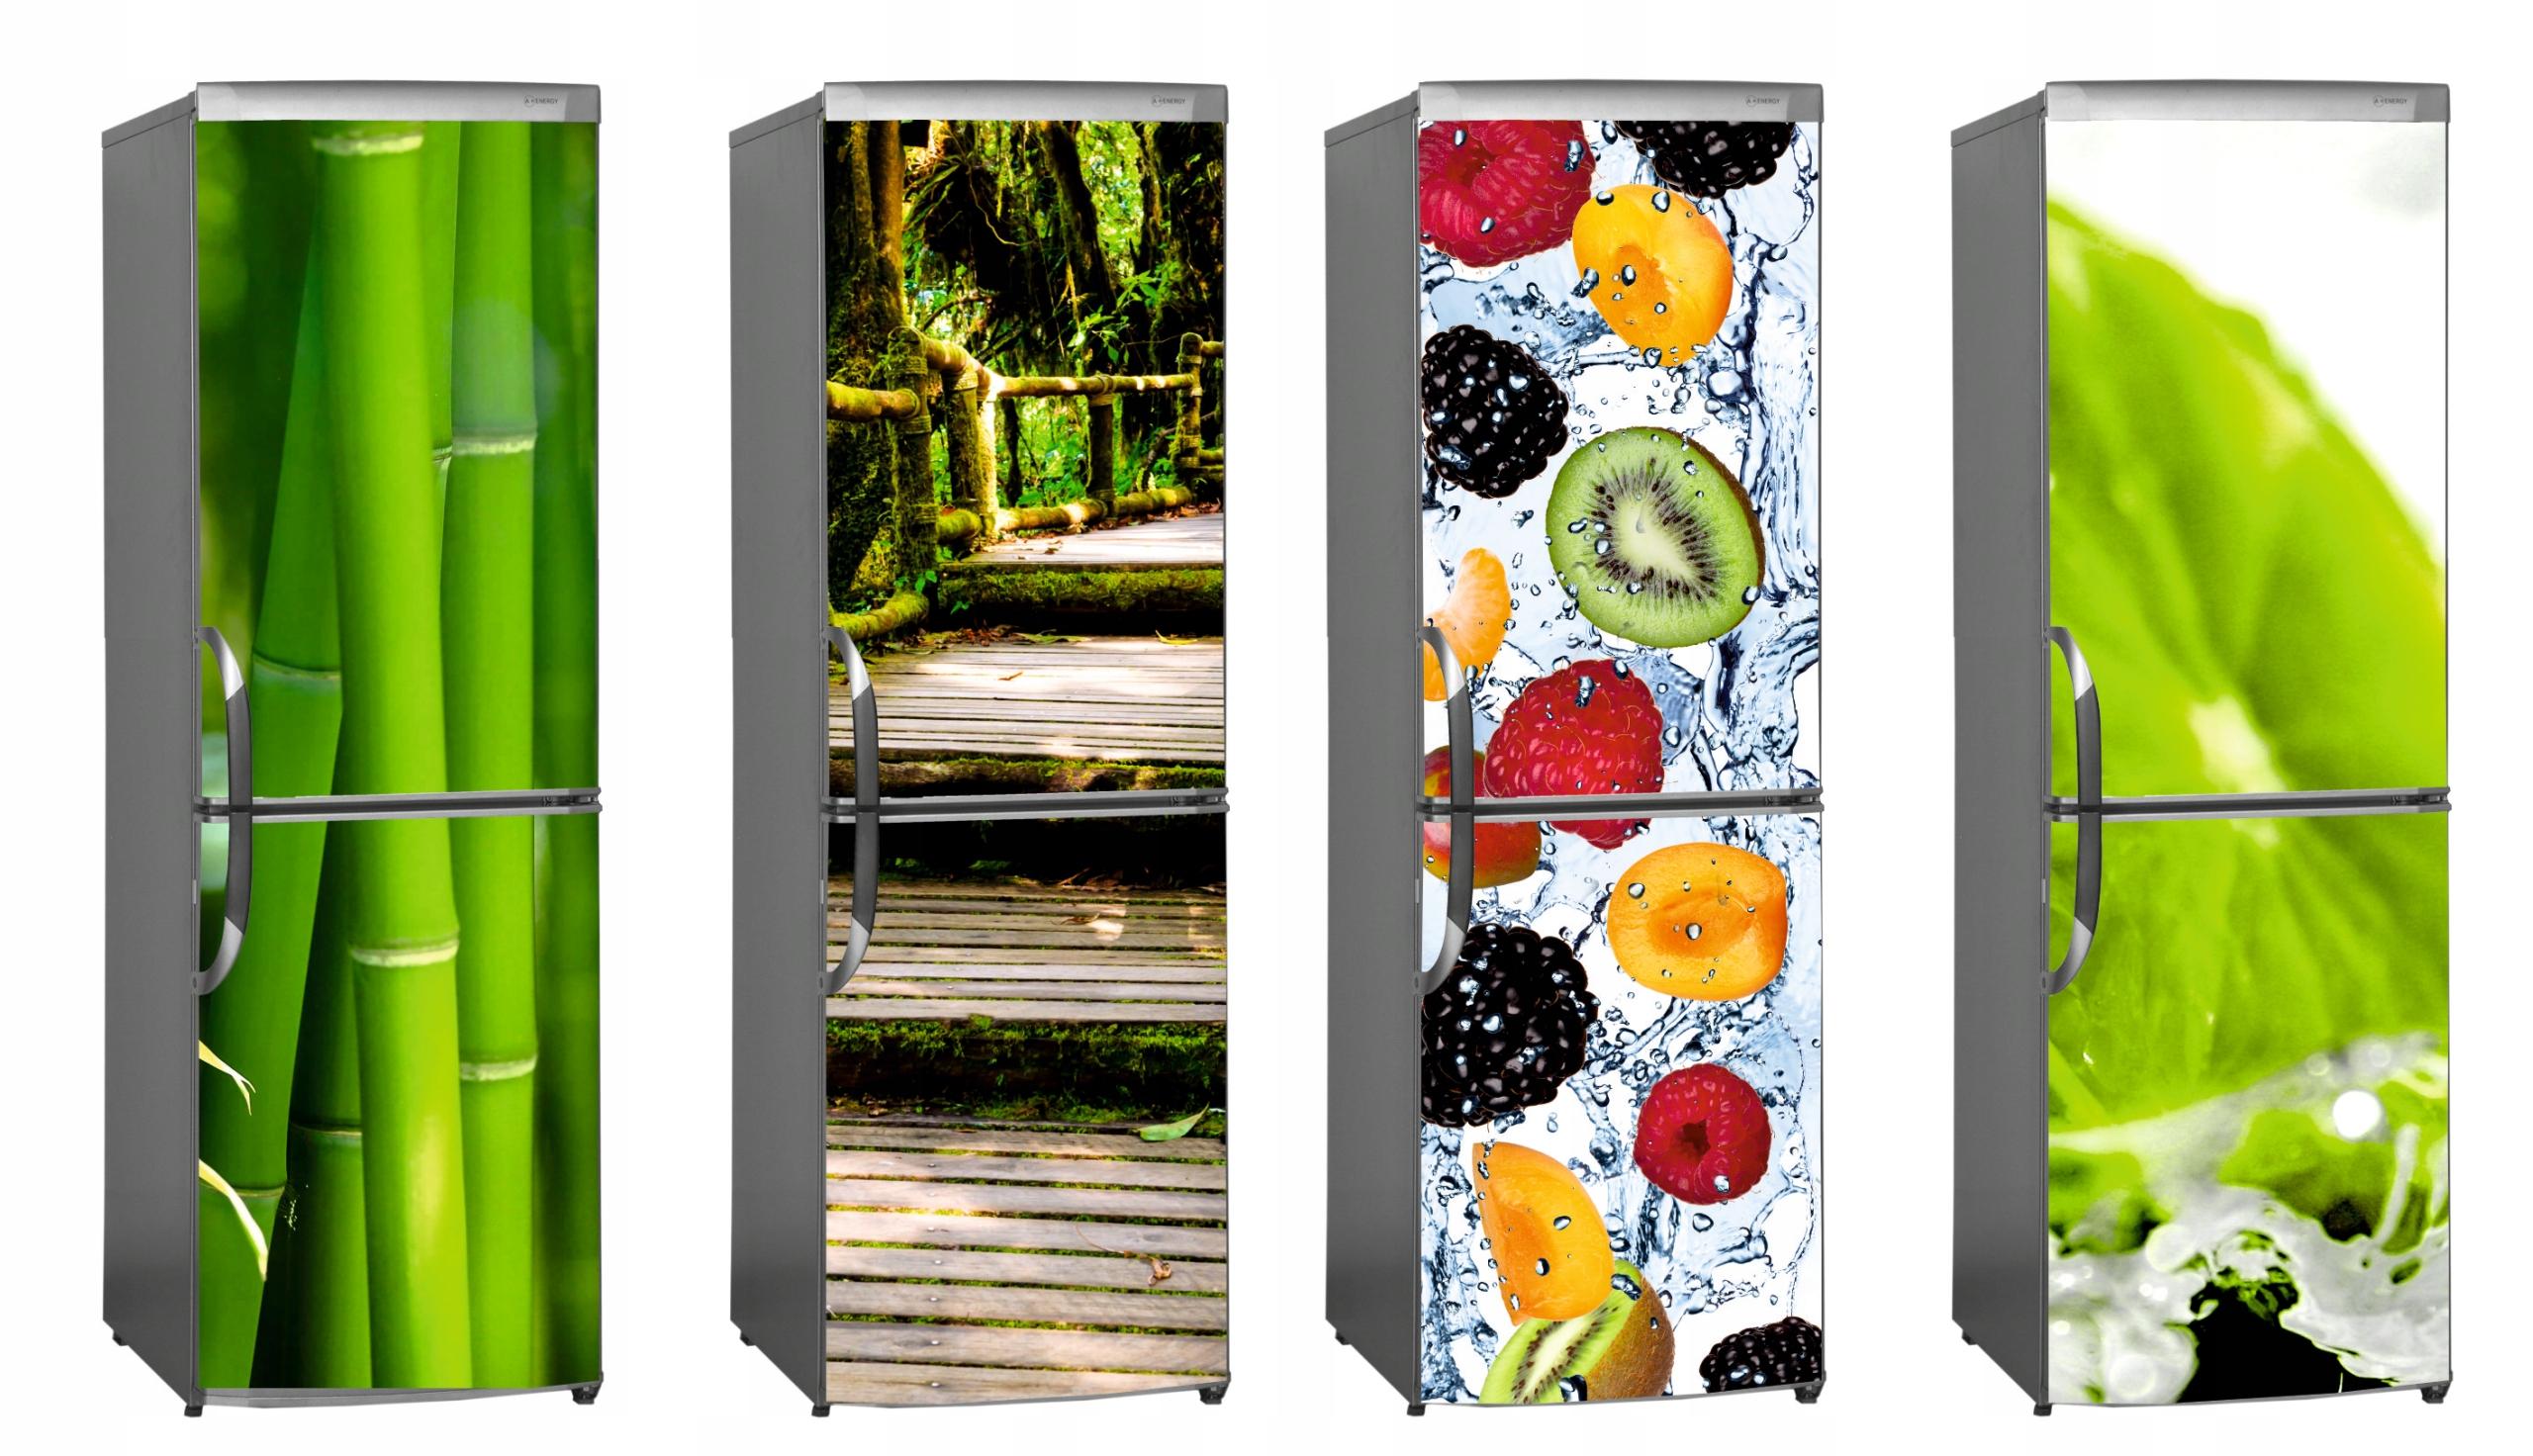 магнитные постеры на холодильник аускультации